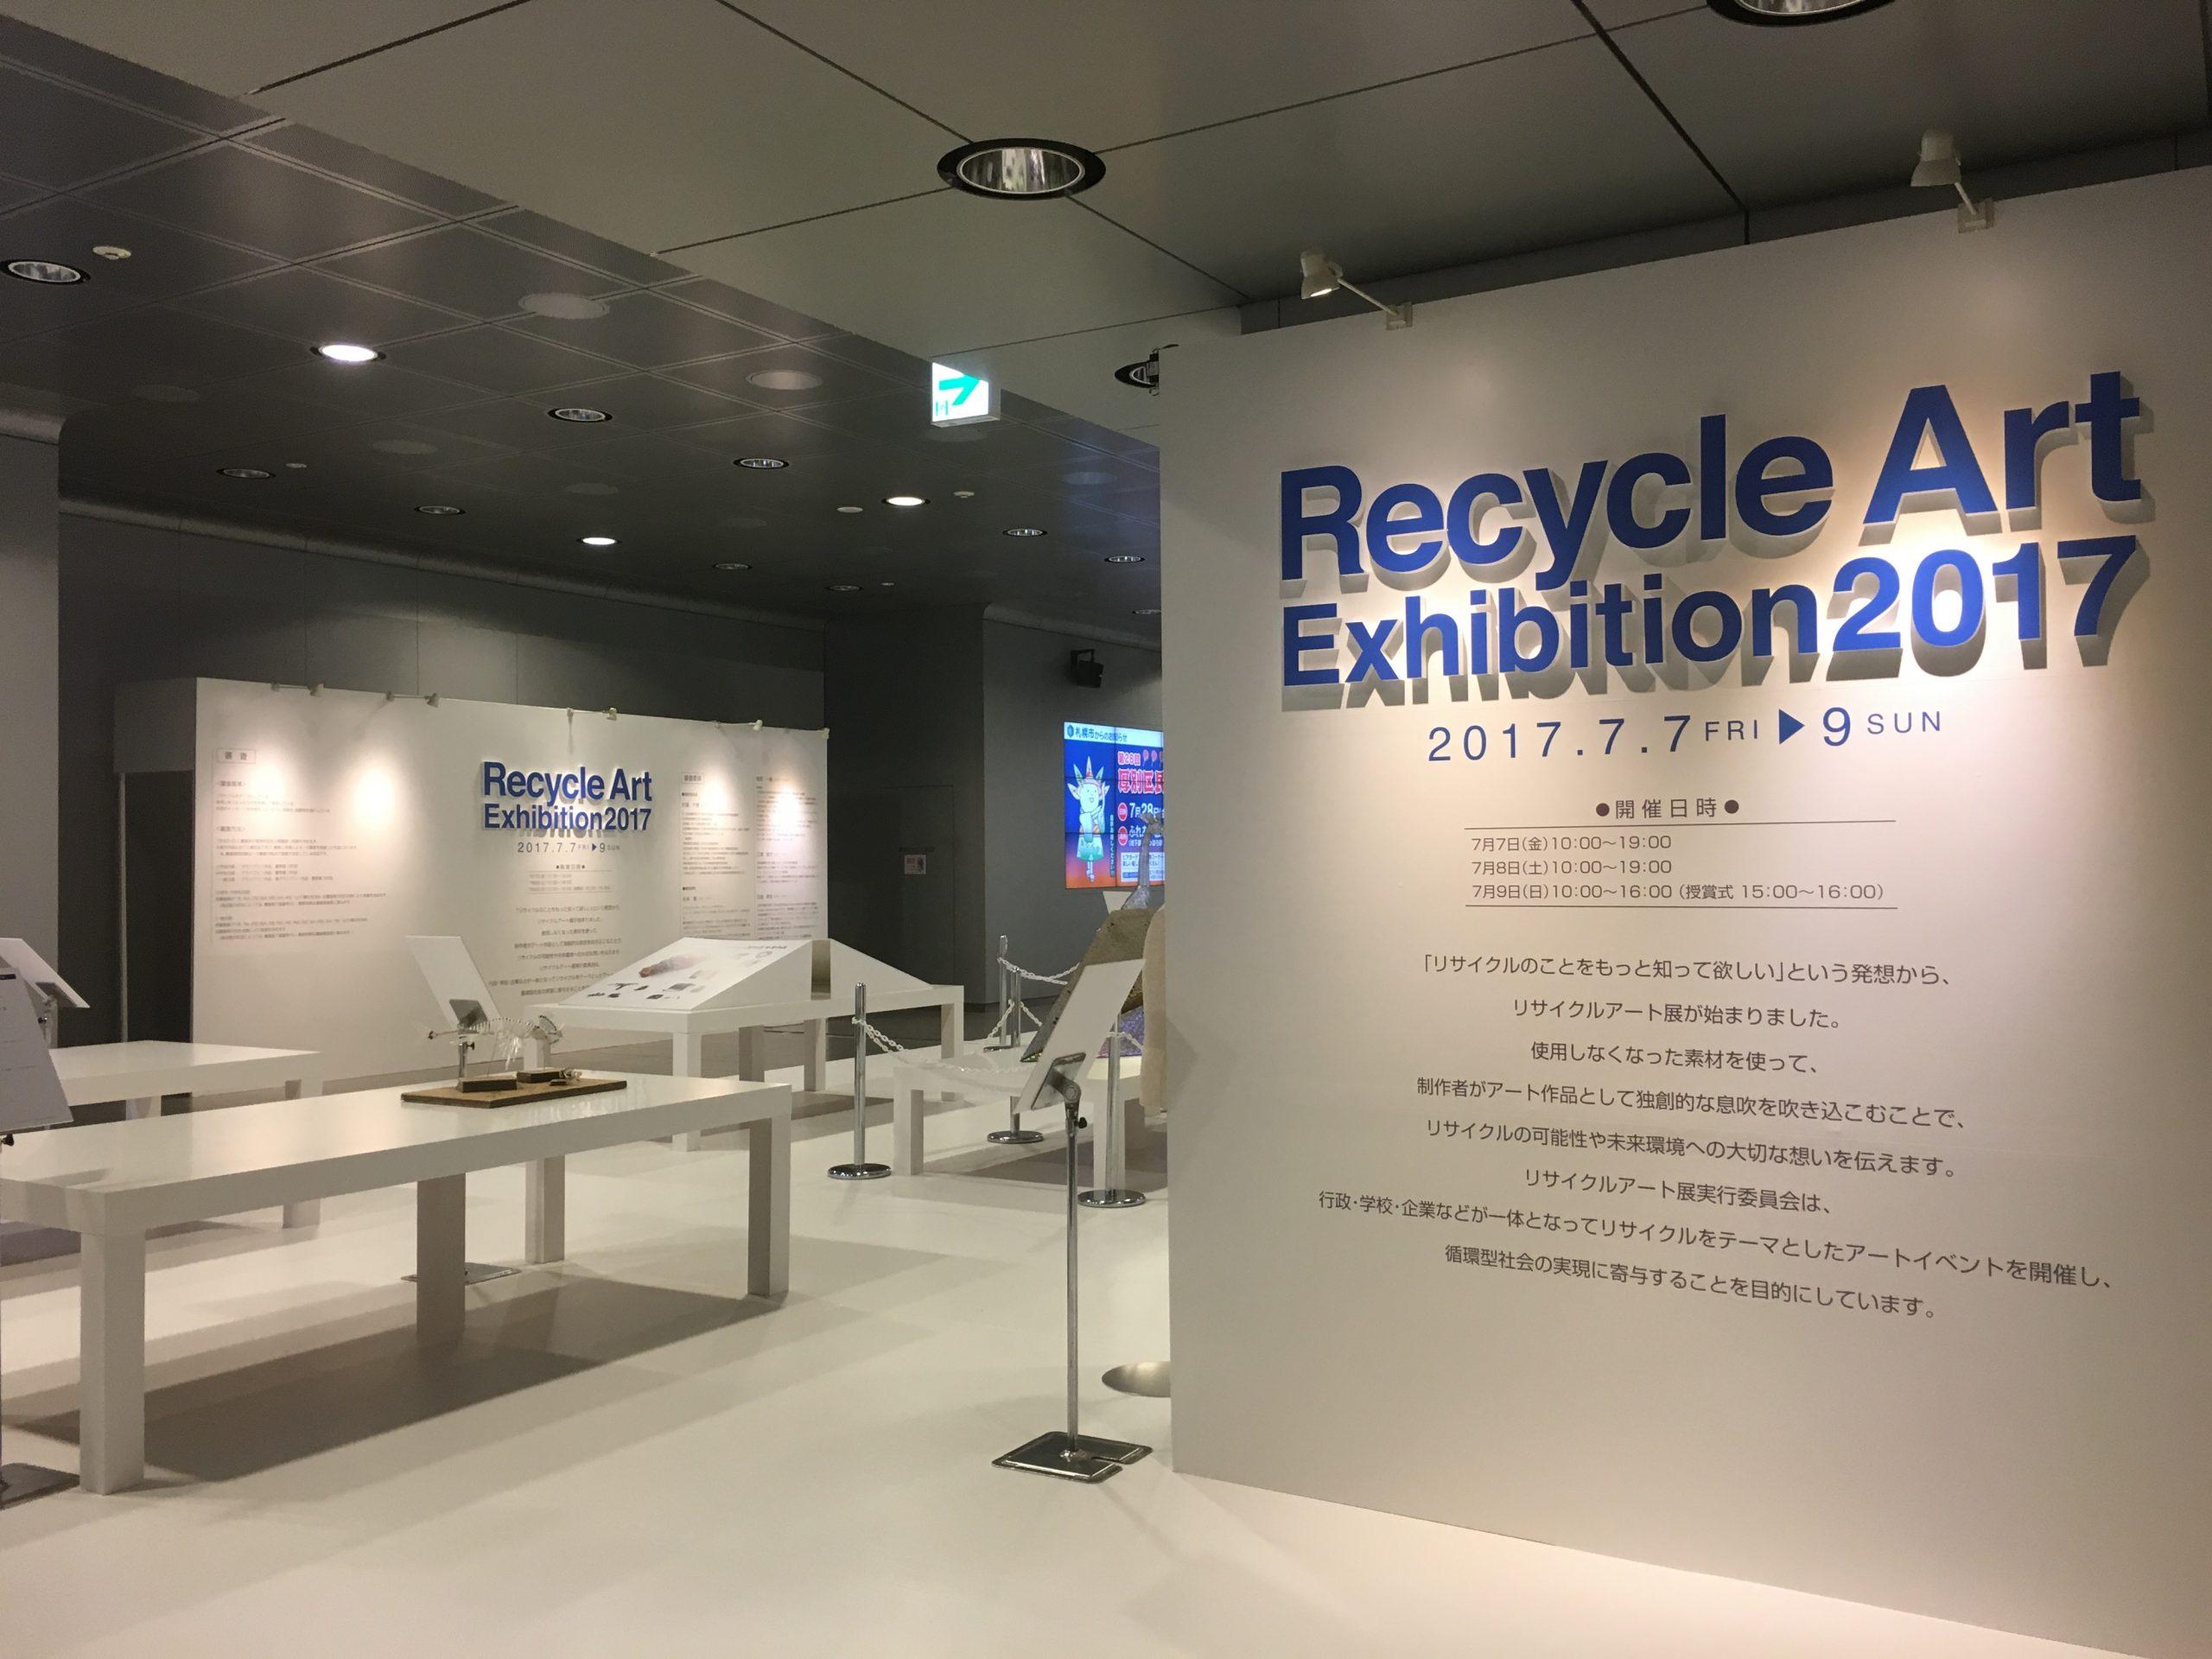 リサイクルアート展2017